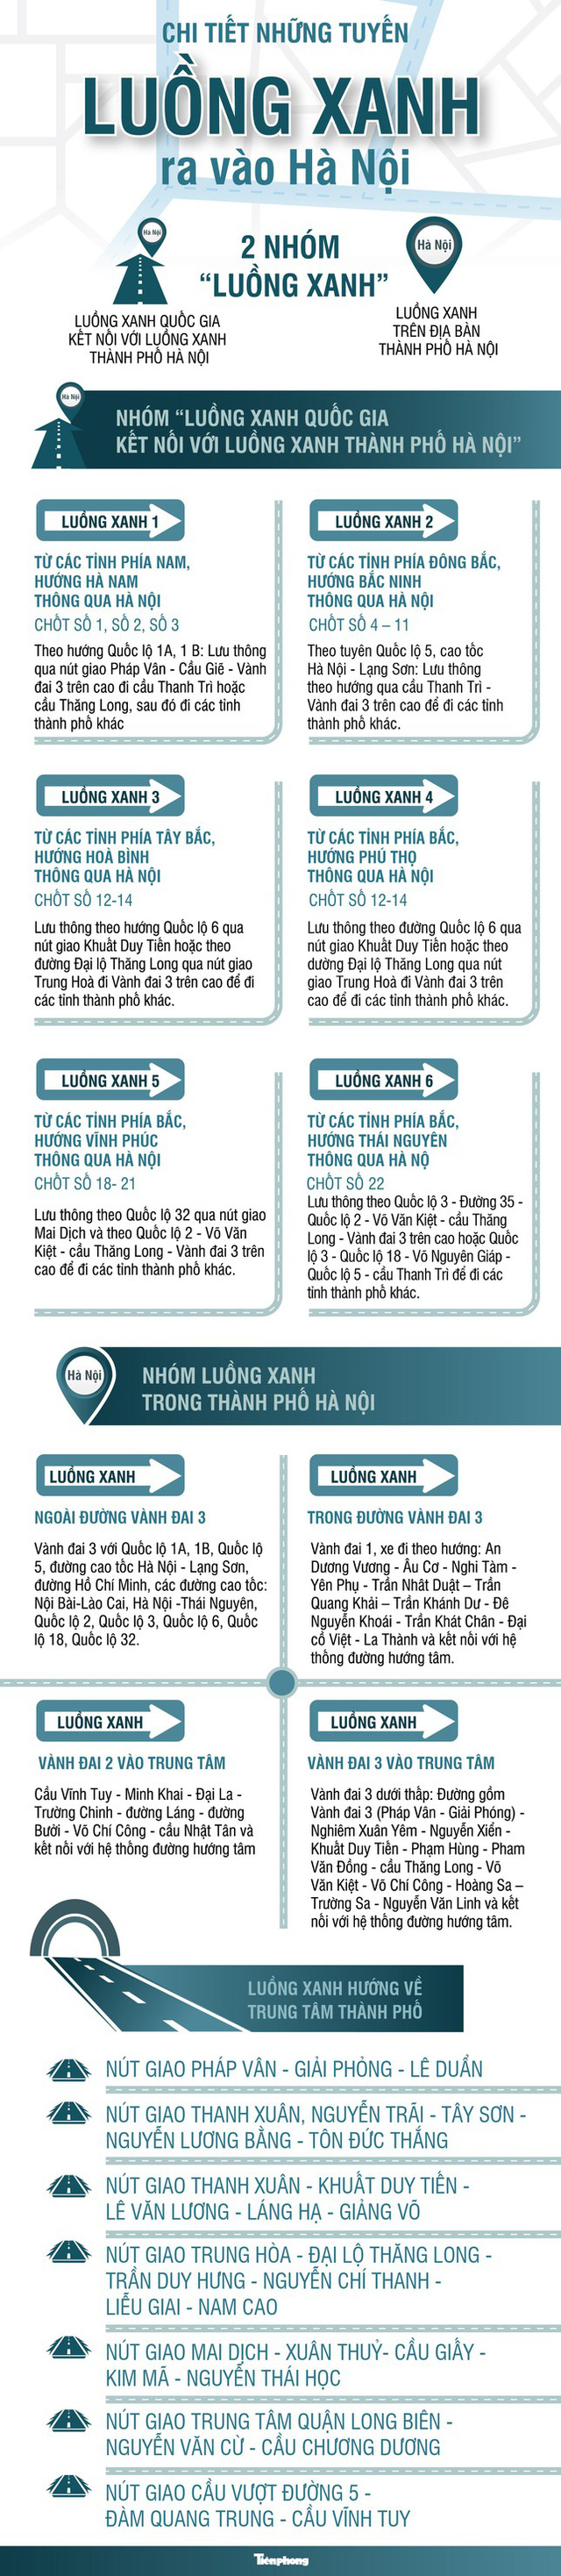 Cửa ngõ Hà Nội ùn ứ, doanh nghiệp kêu trời khi xin giấy phép luồng xanh  - Ảnh 2.